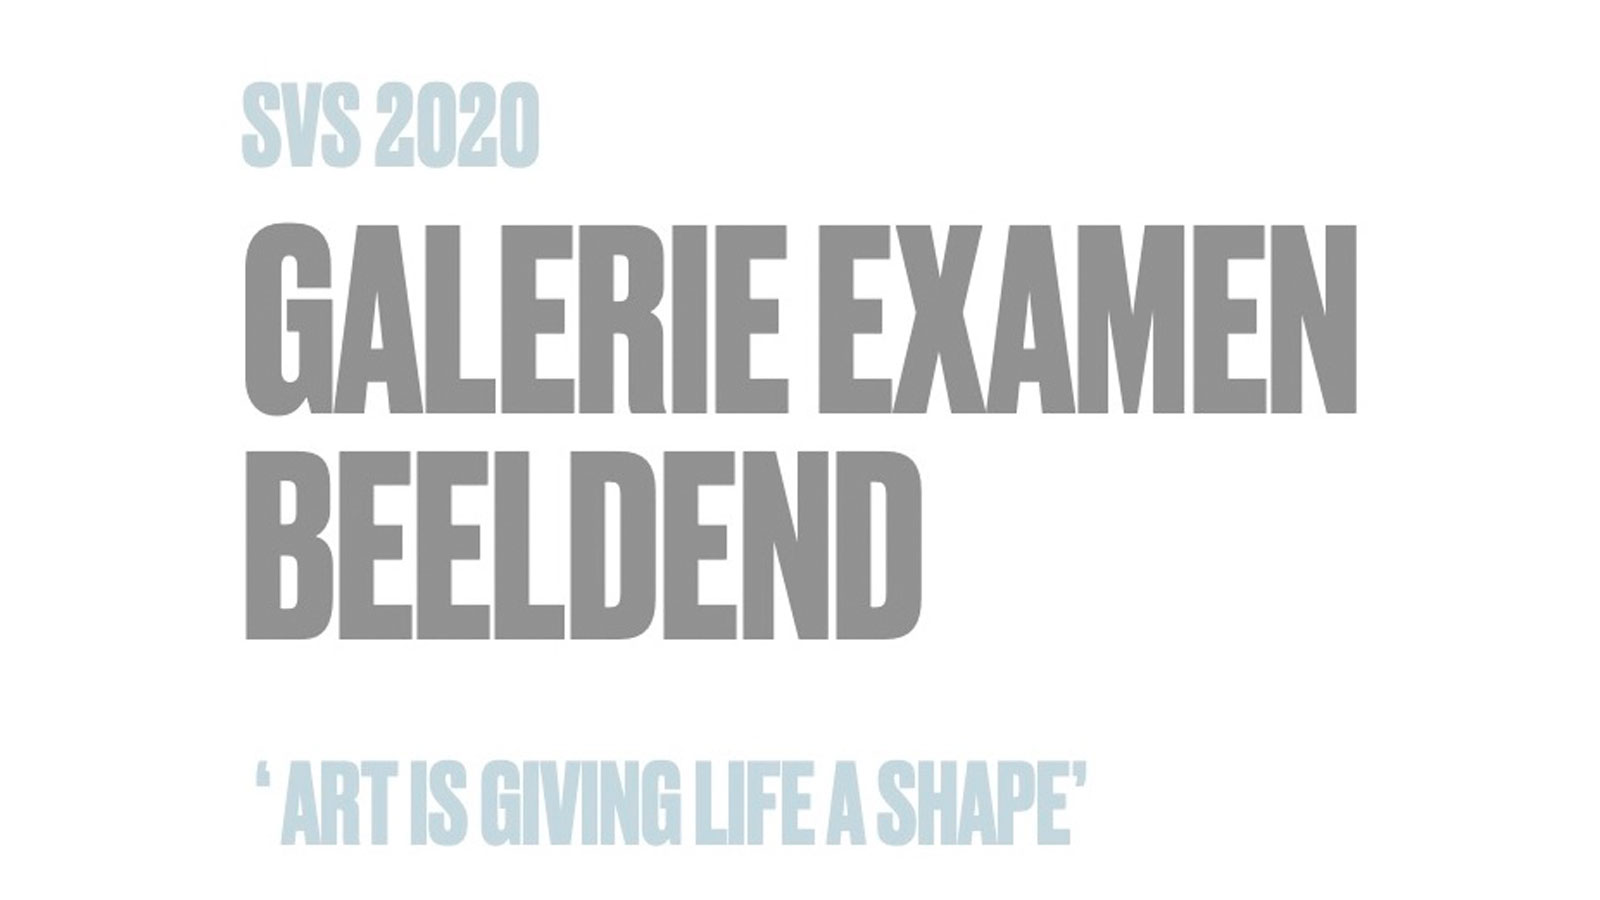 Galerie Examen Beeldend